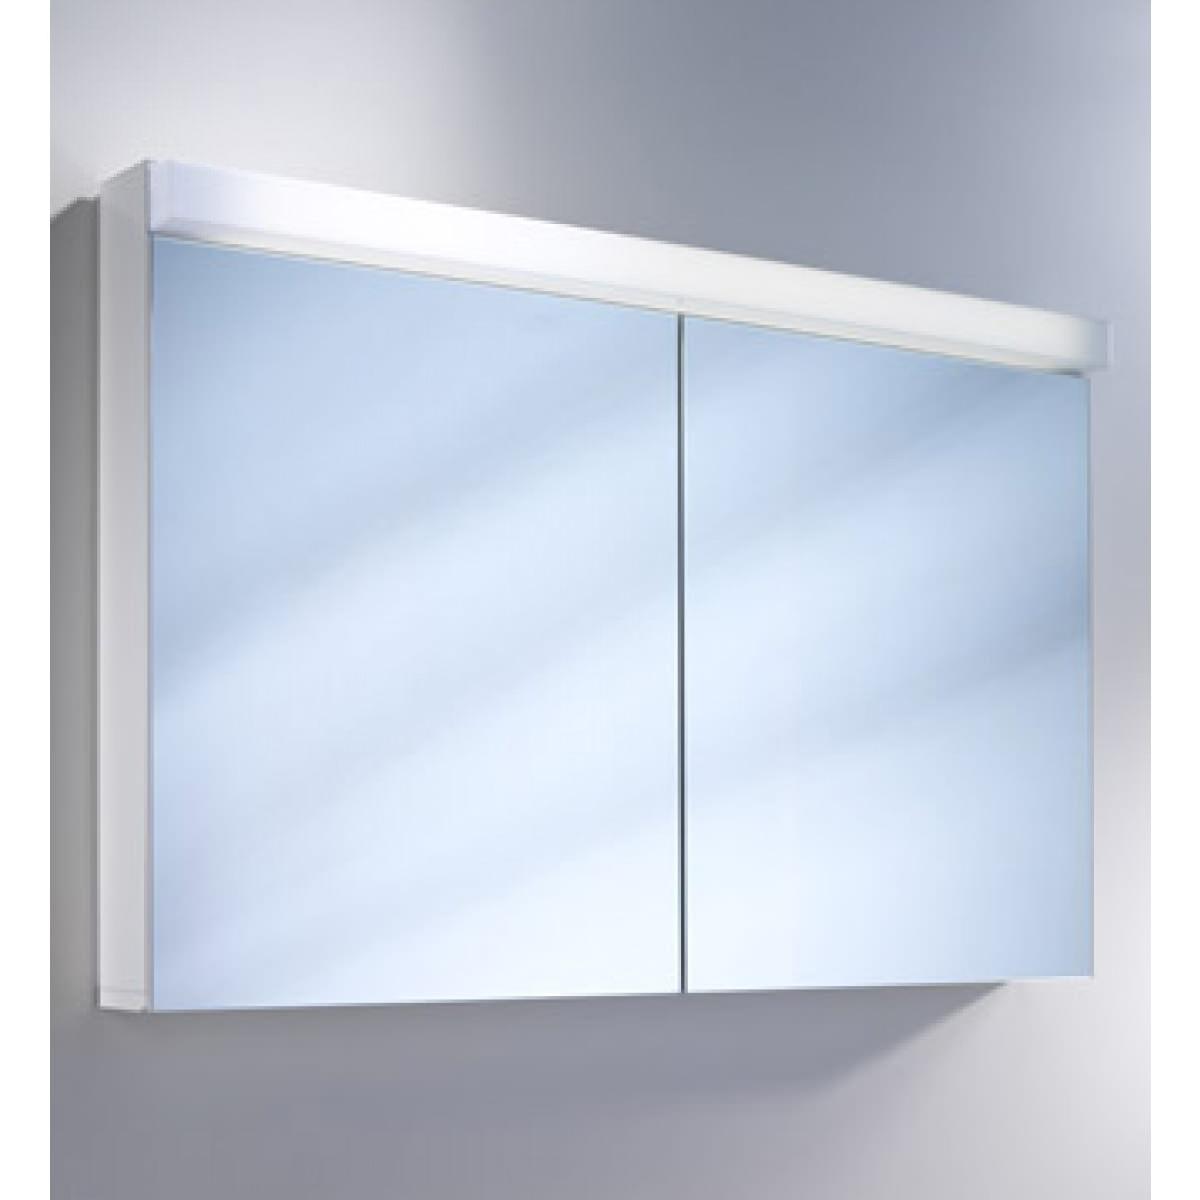 Schneider Lowline 2 Door Mirror Cabinet With Fluorescent